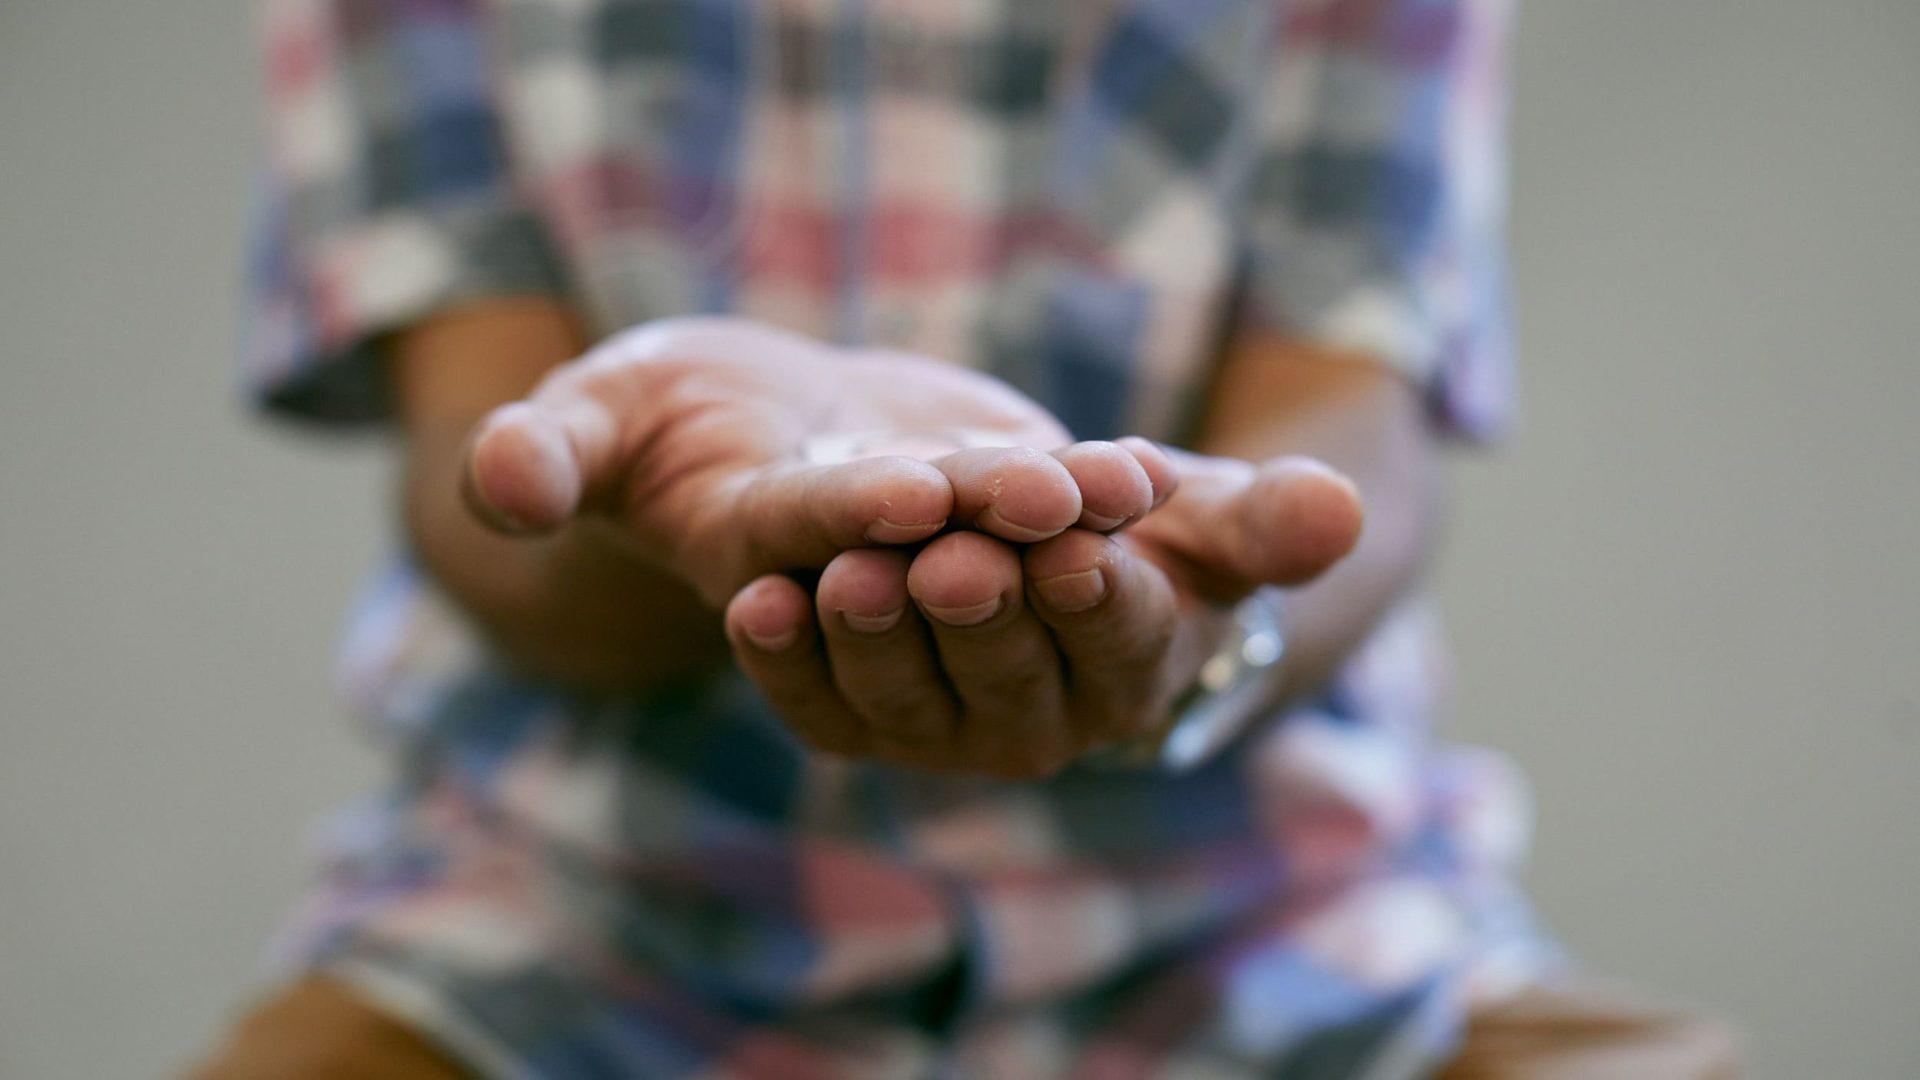 Omar Suleibi, refugiado sírio no Brasil, mostra as mãos em gesto de pedido de auxílio, em ensaio de fotos para o projeto Retrato Social. Foto: Loiro Cunha